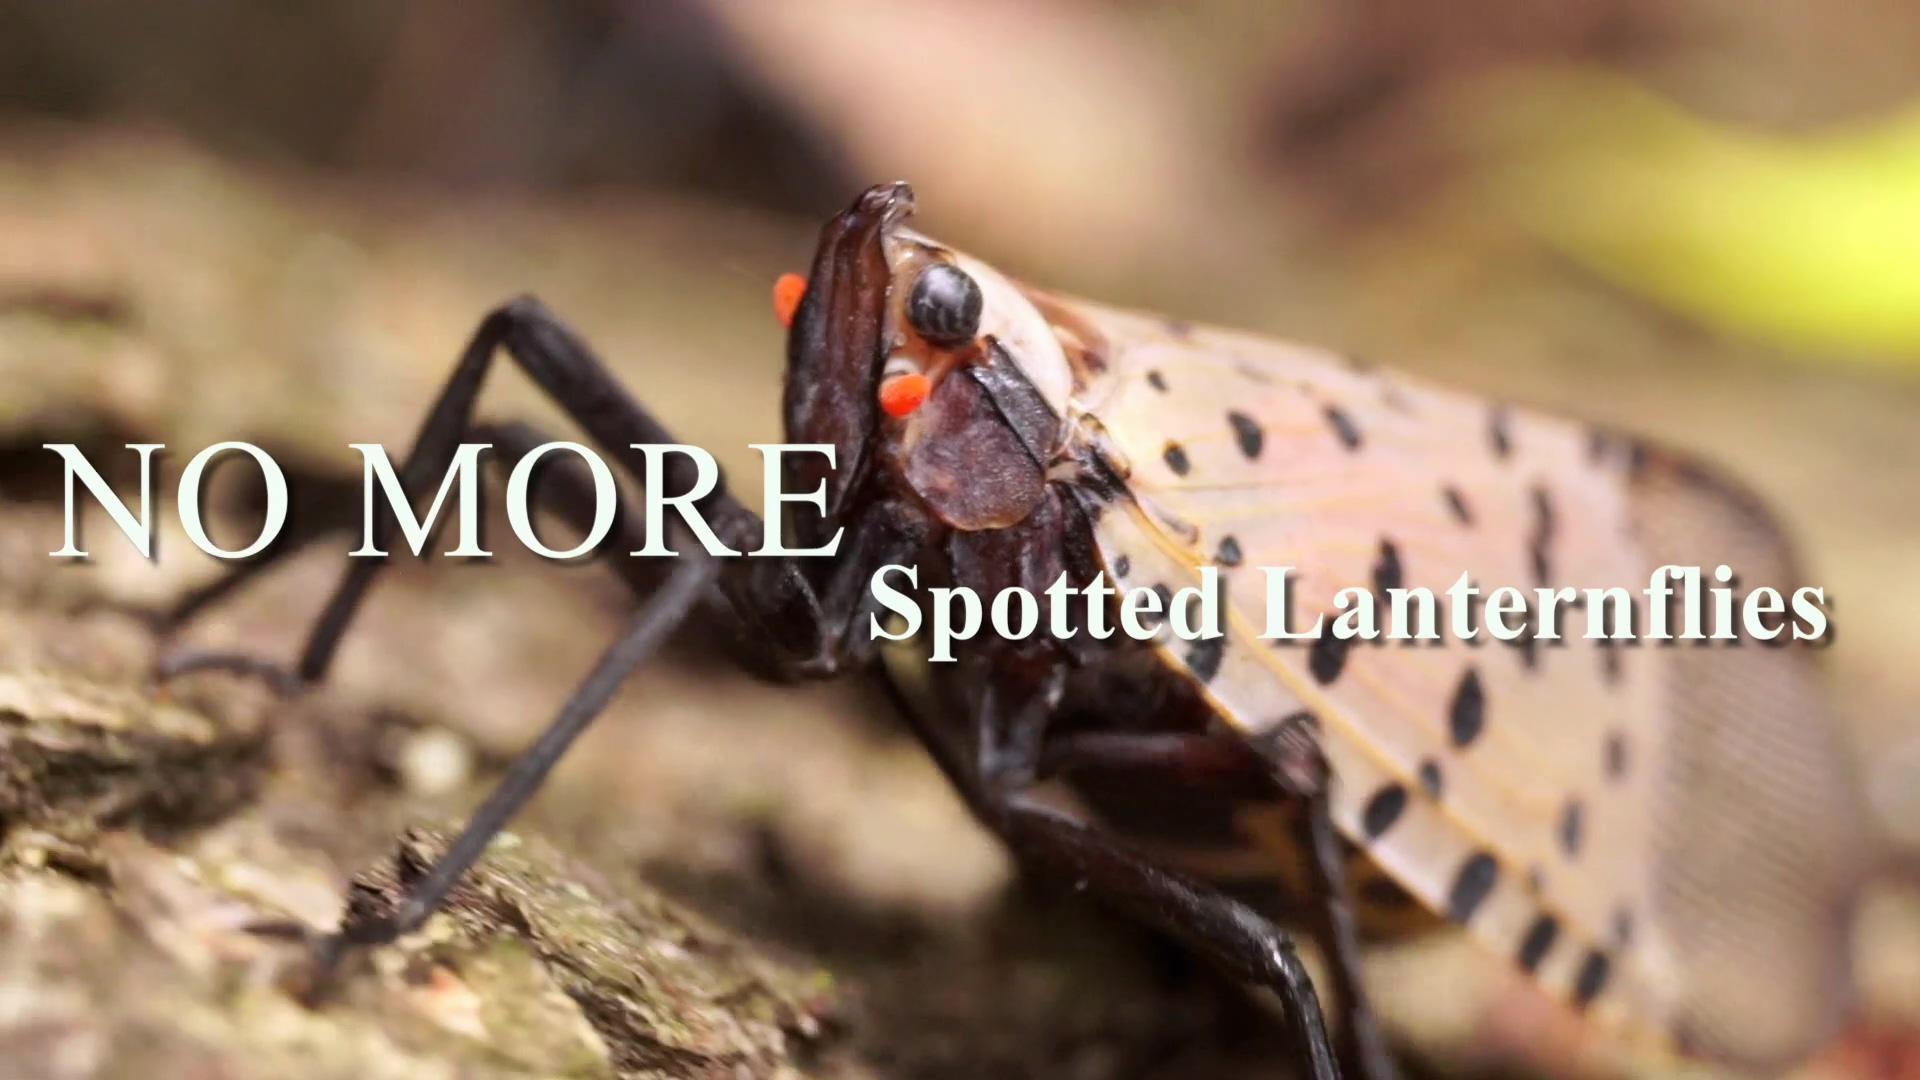 JT - Spotted Lanternfly